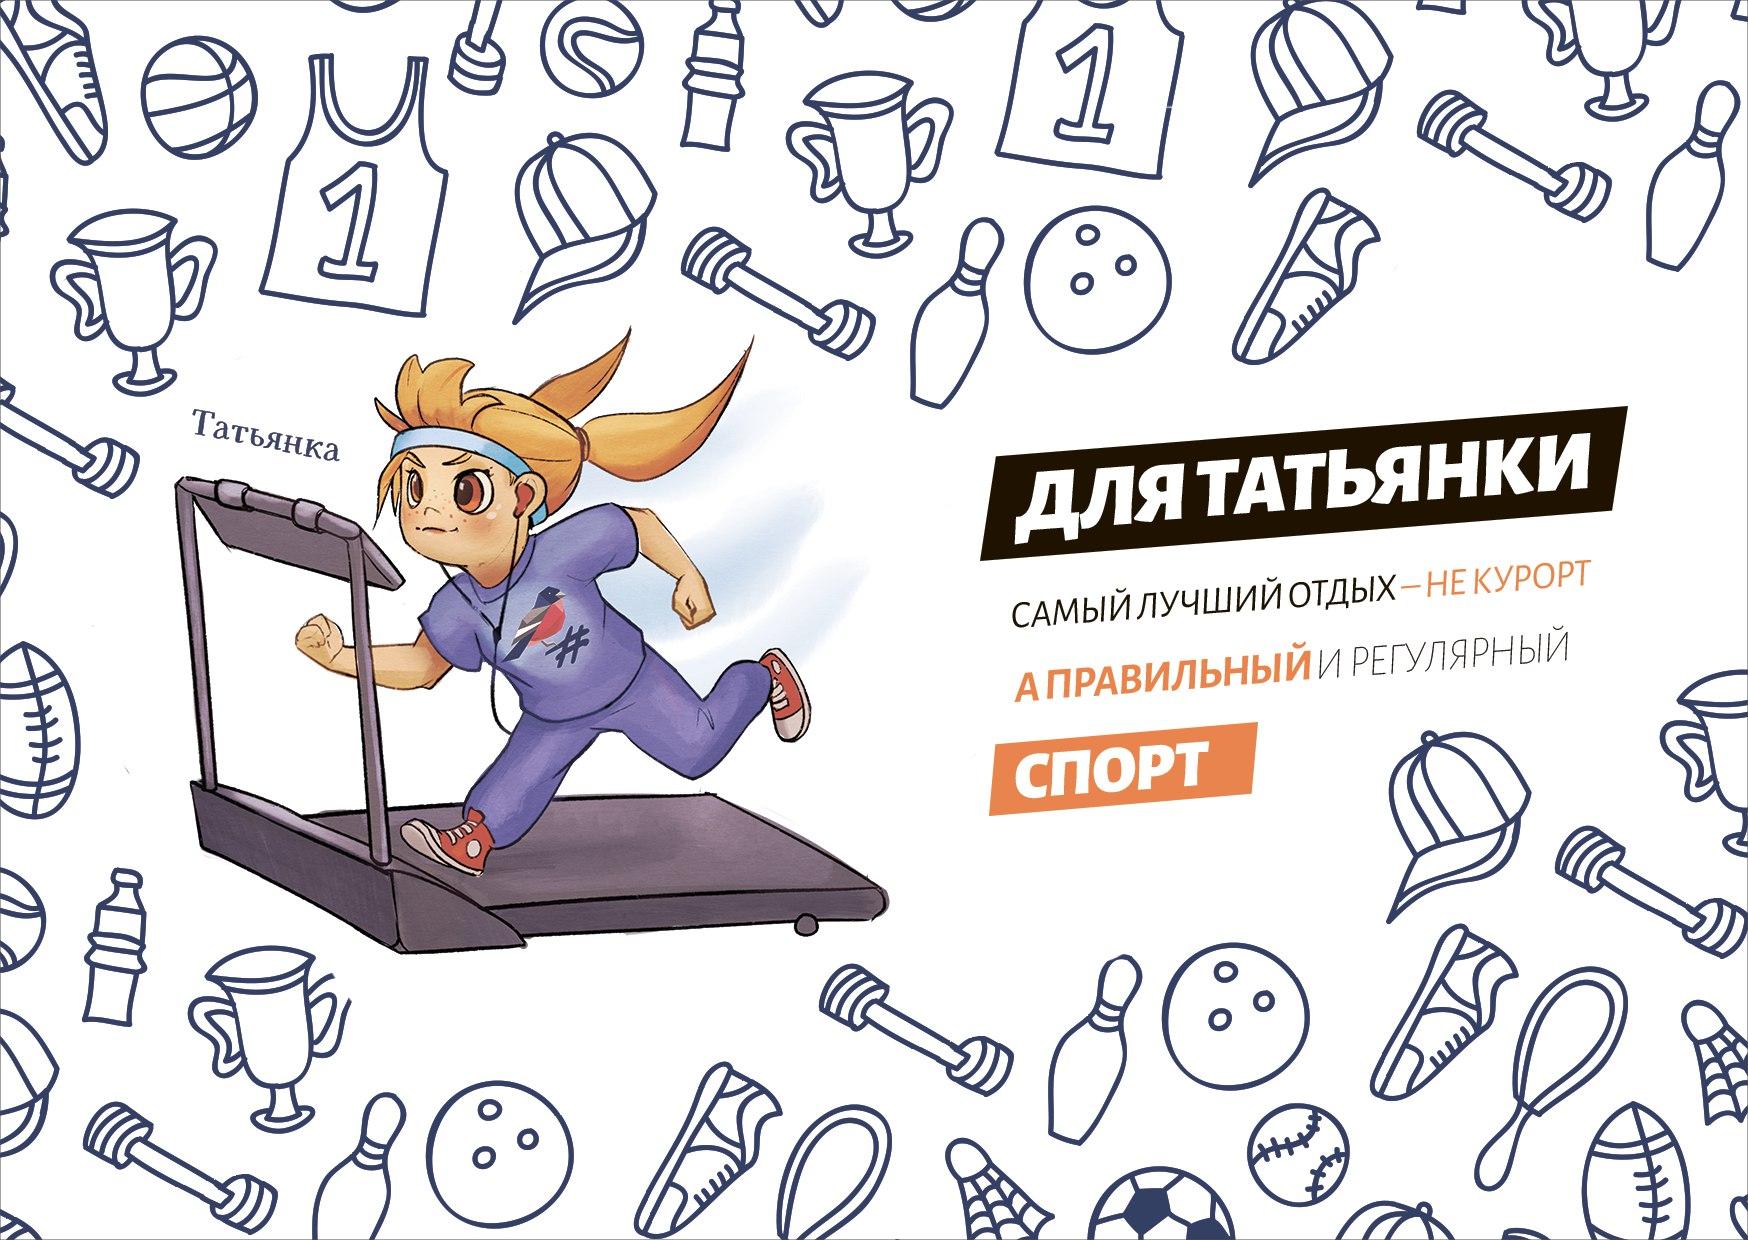 Укаждого студента Российской Федерации появится своя «Татьянка»